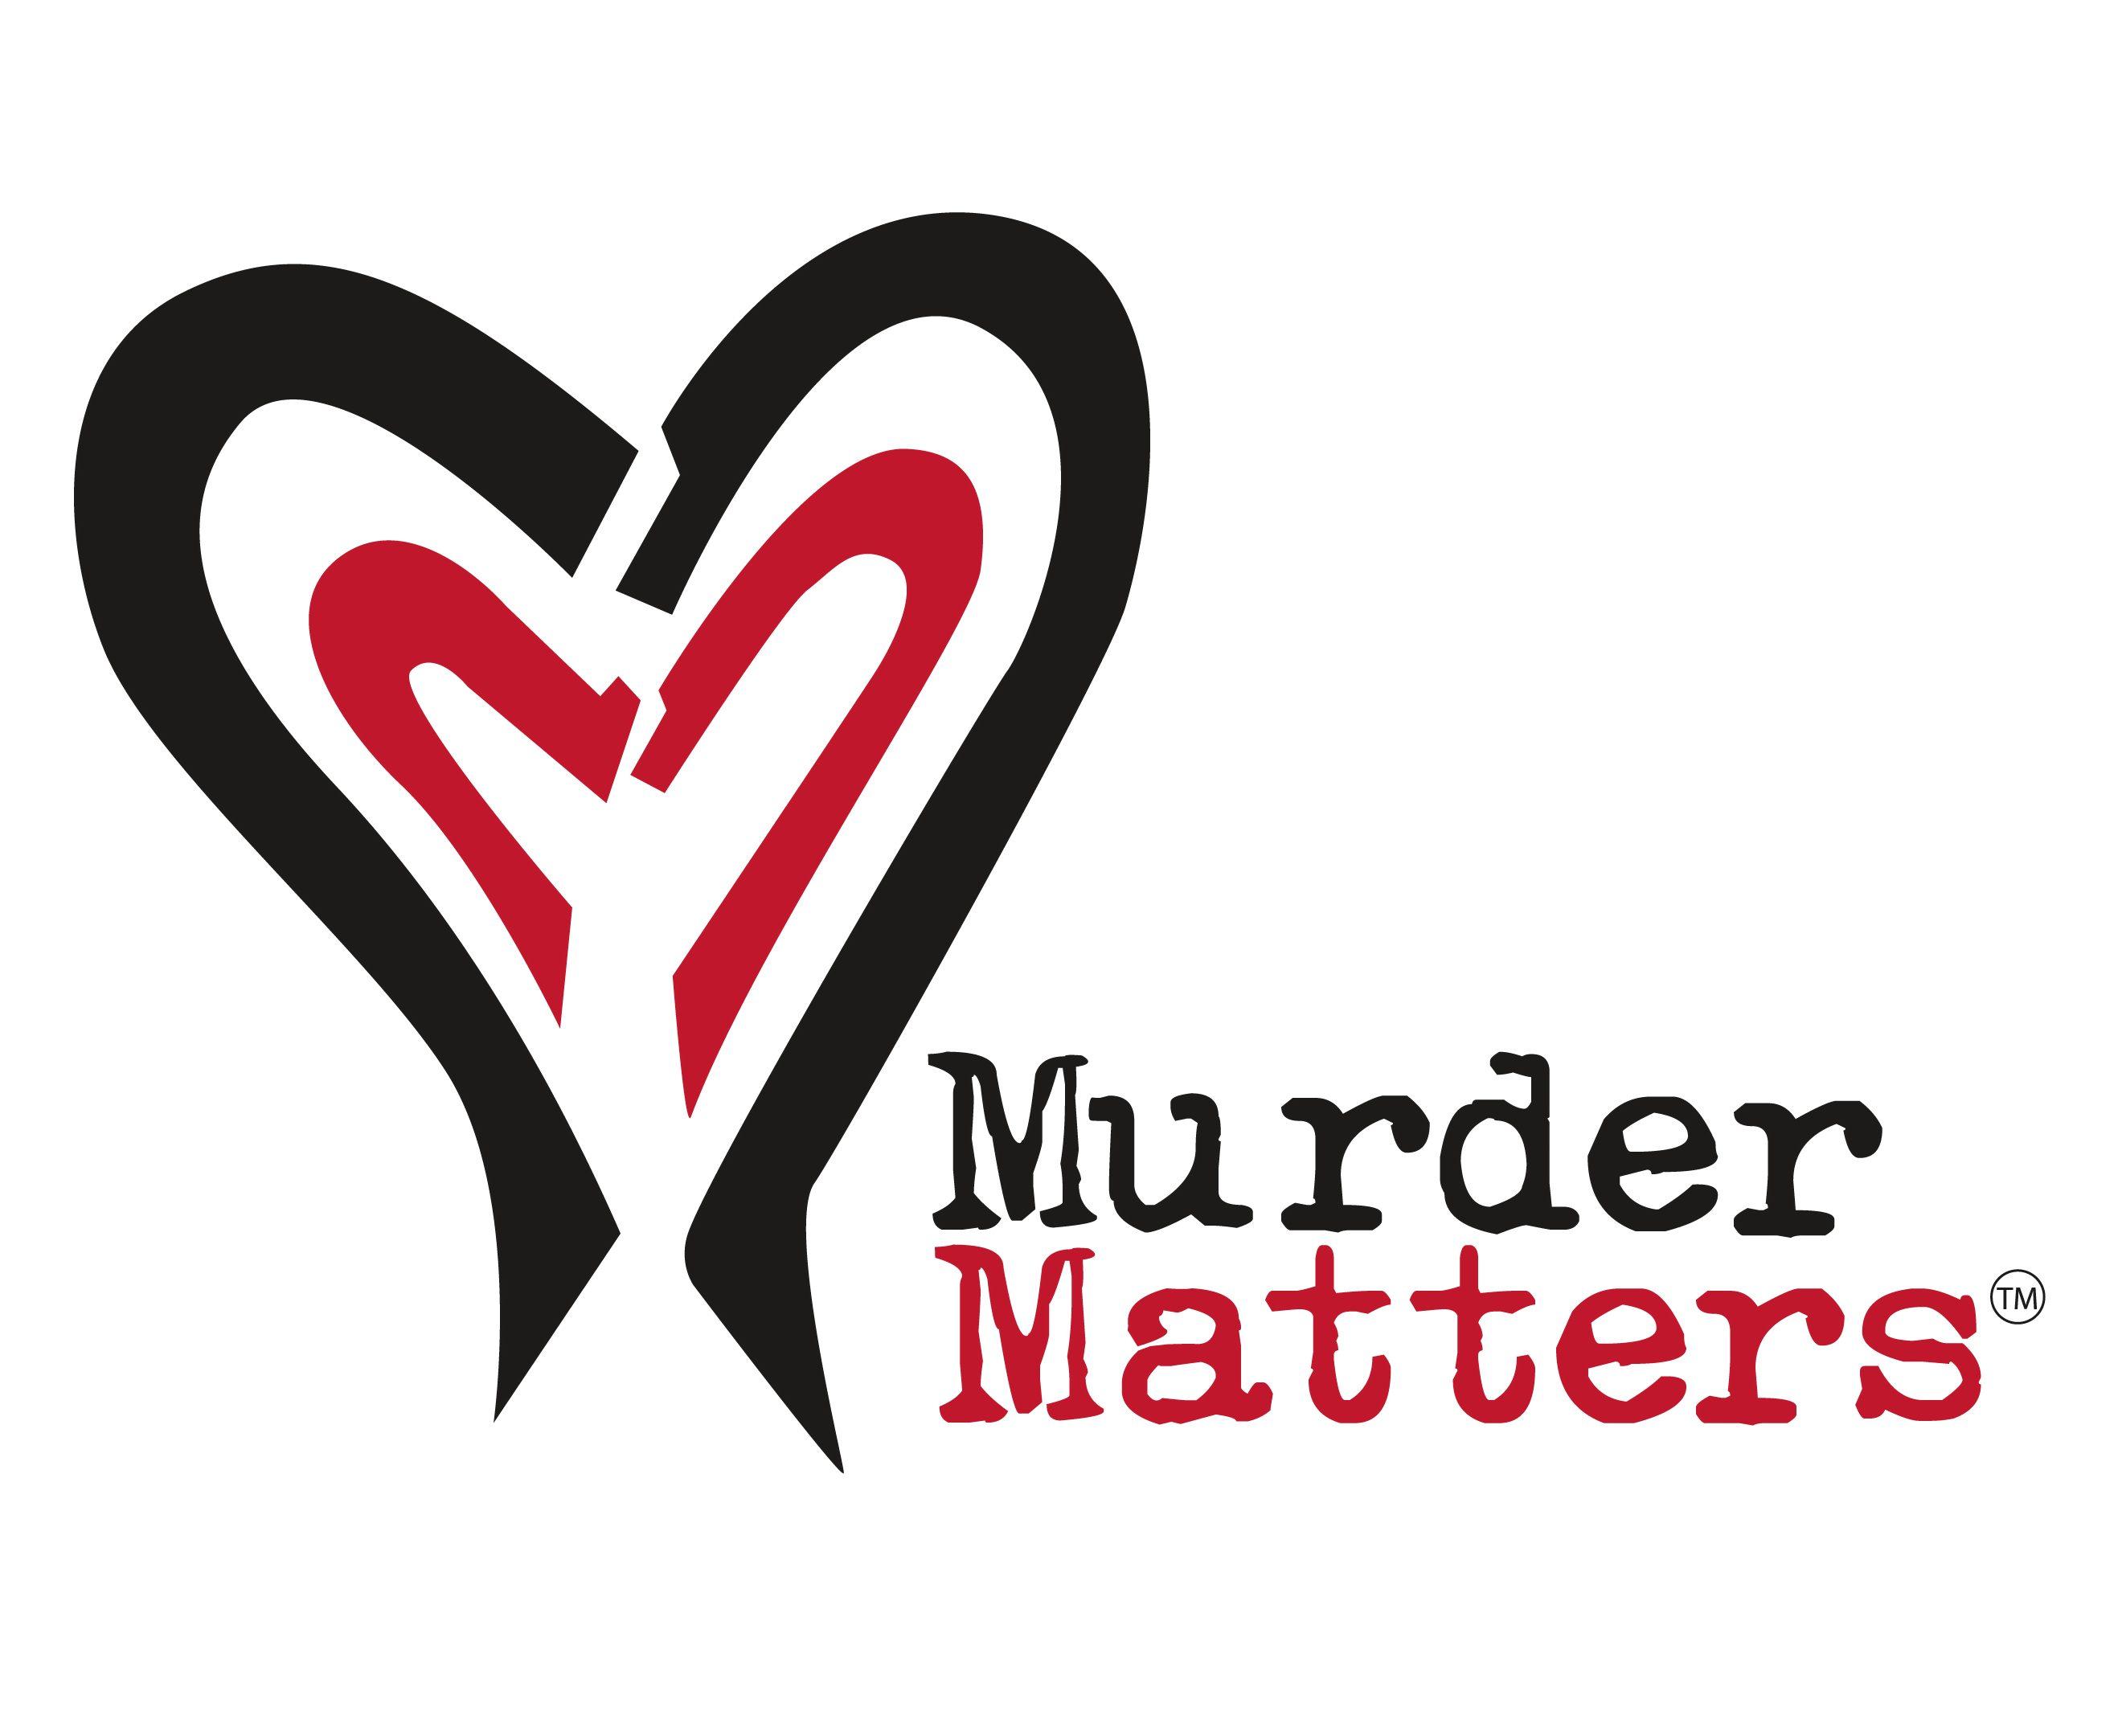 Murder-matters-logo